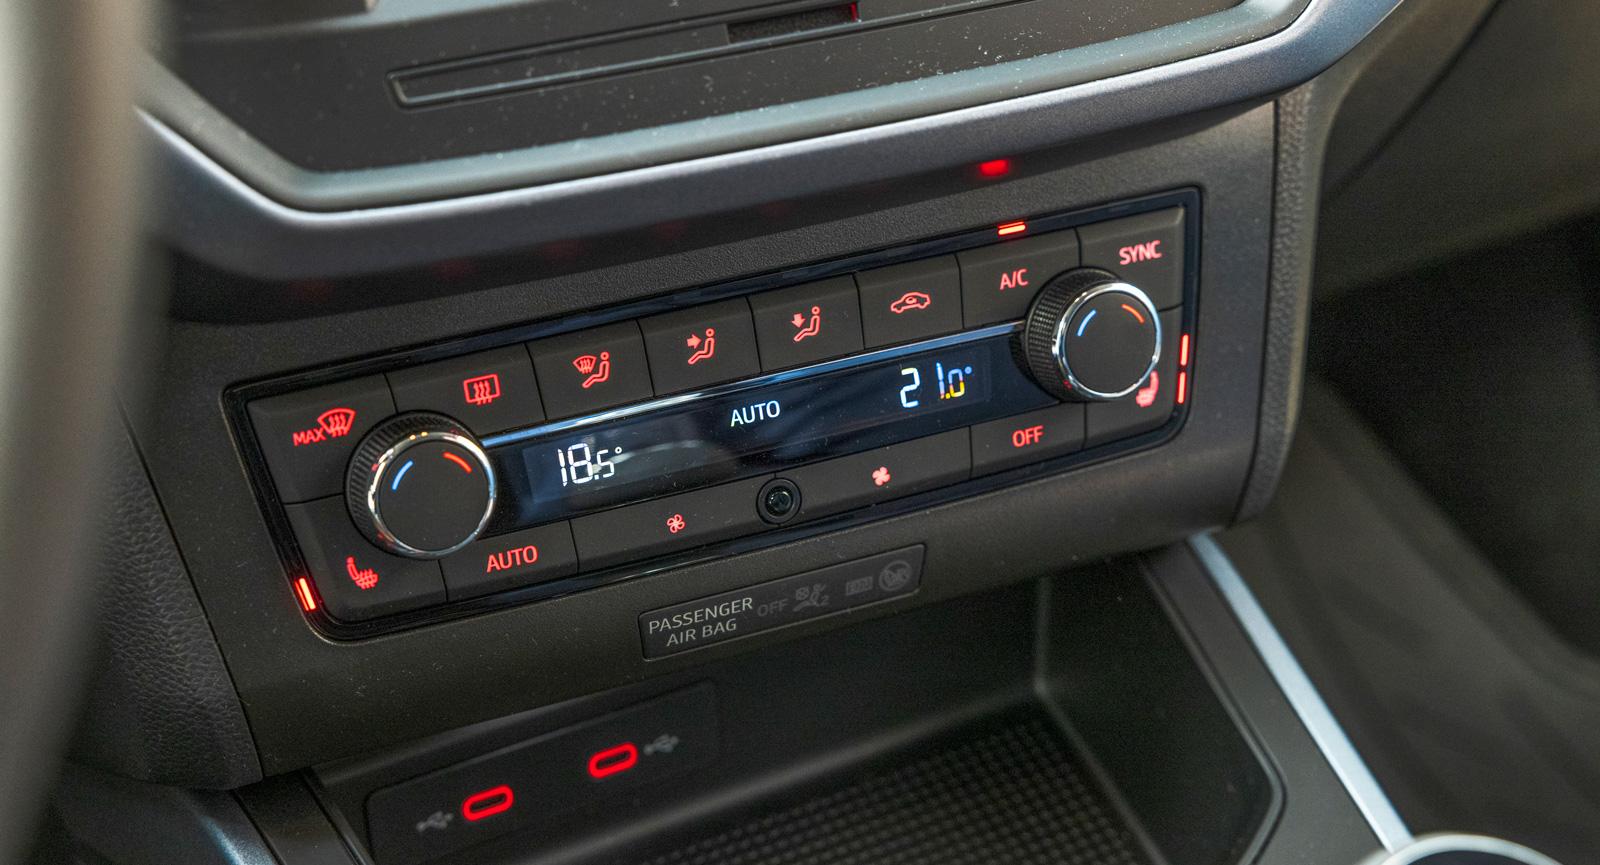 Klimatanläggning med tydliga knappar, dessutom separata temperaturzoner höger/vänster, bra Seat!